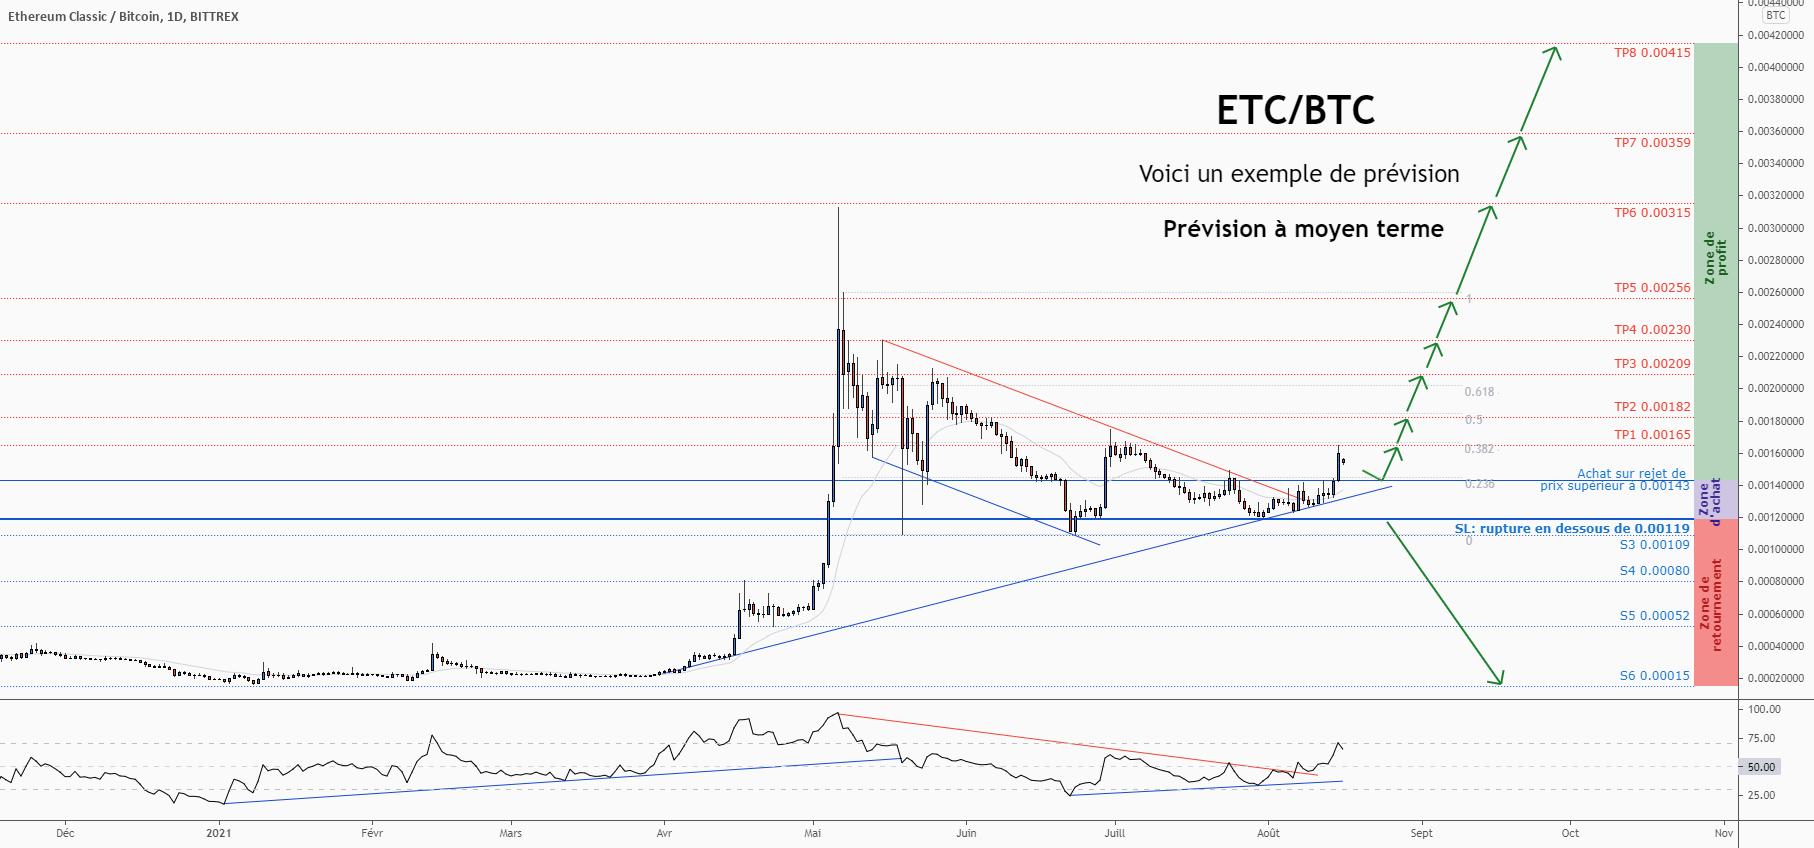 💡Ne manquez pas cette grande opportunité d'achat de ETCBTC pour BITTREX:ETCBTC par ForecastCity_Francais